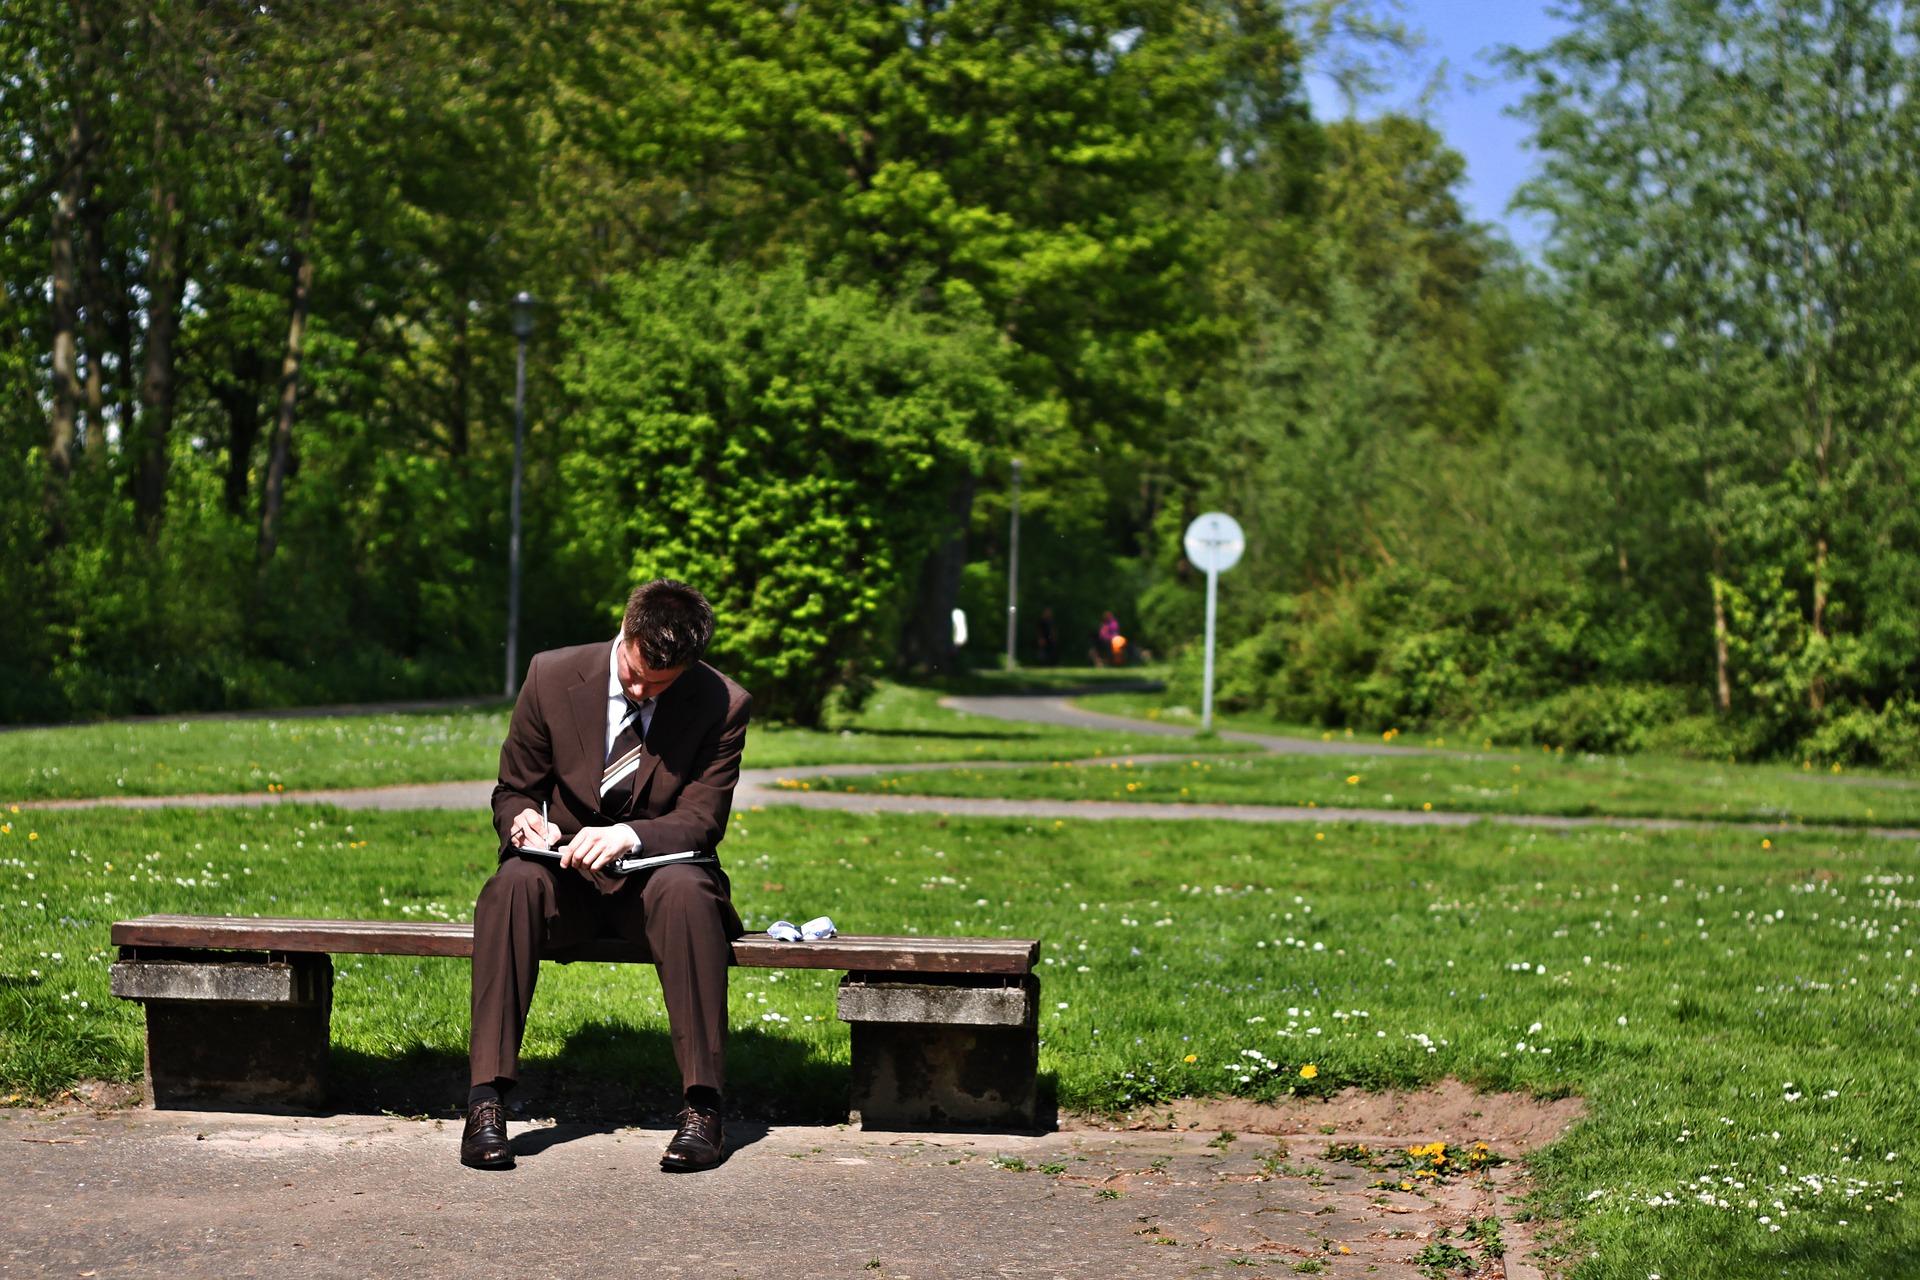 trabajador en un banco del parque